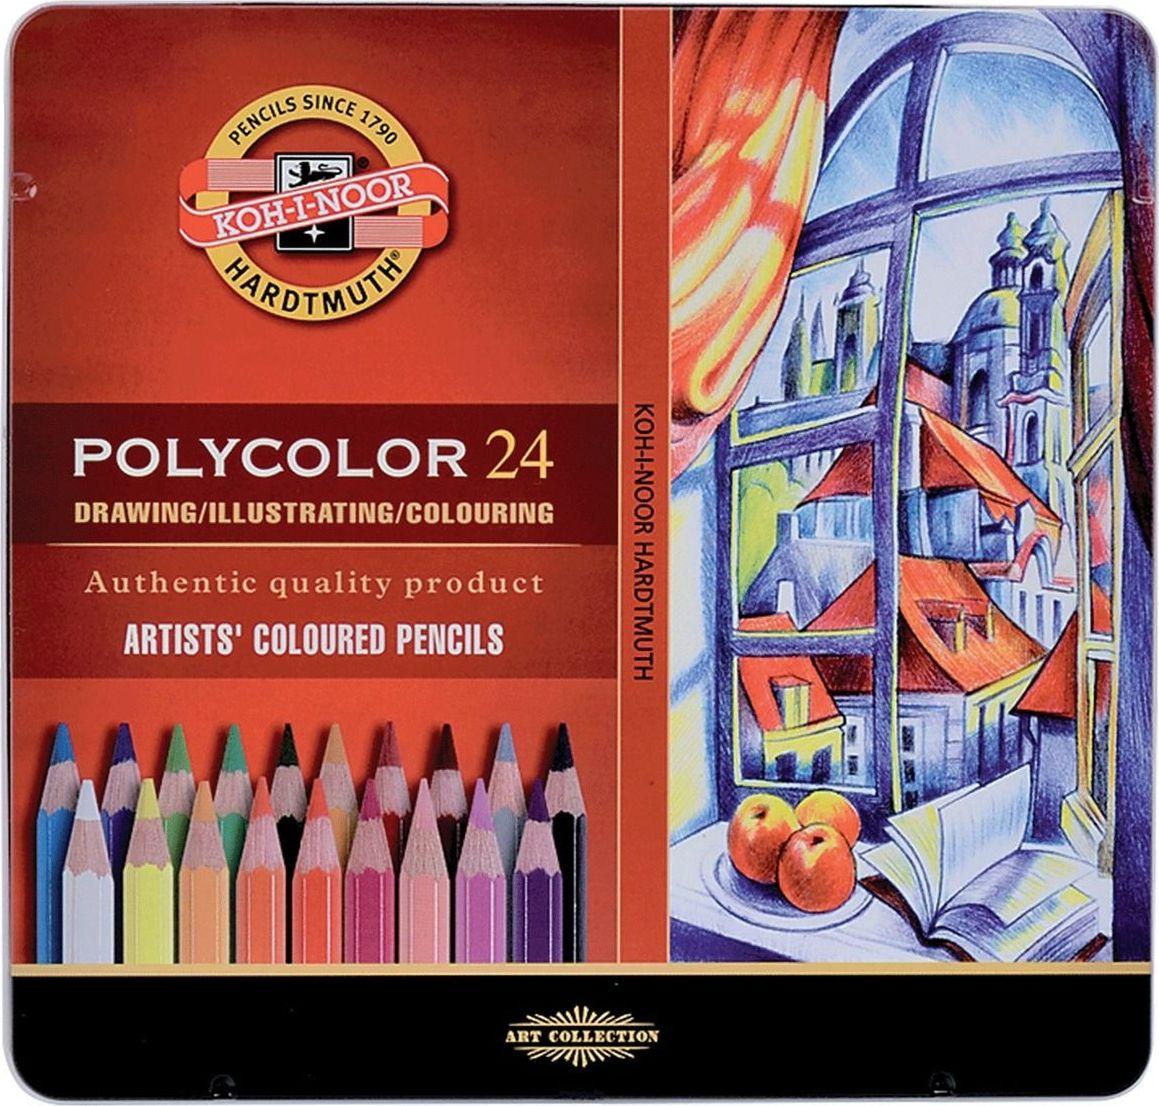 Koh-I-Noor Набор карандашей Polycolor 24 цвета181022Профессиональные цветные карандаши высокого качества. Предназначены для использования в графическом искусстве, где важна чёткая передача цвета и линий. Абсолютная чистота, насыщенность и равномерность цвета по всей поверхности рисунка.